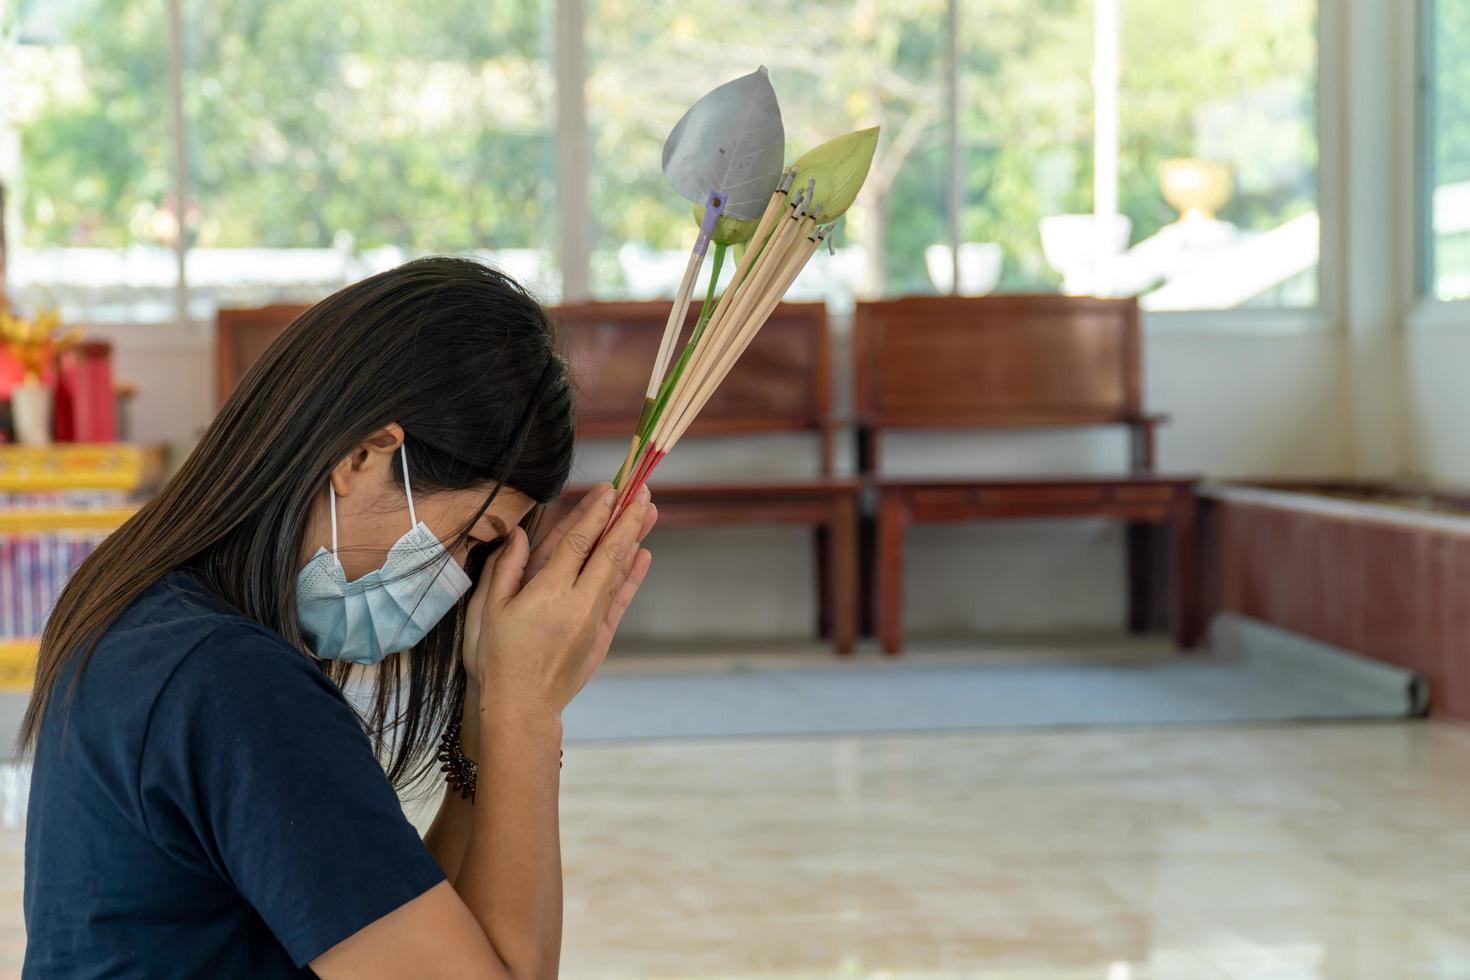 Jeune femme asiatique faisant un vœu dans un temple, concept de vie, espoir, croyance et bonne chance photo